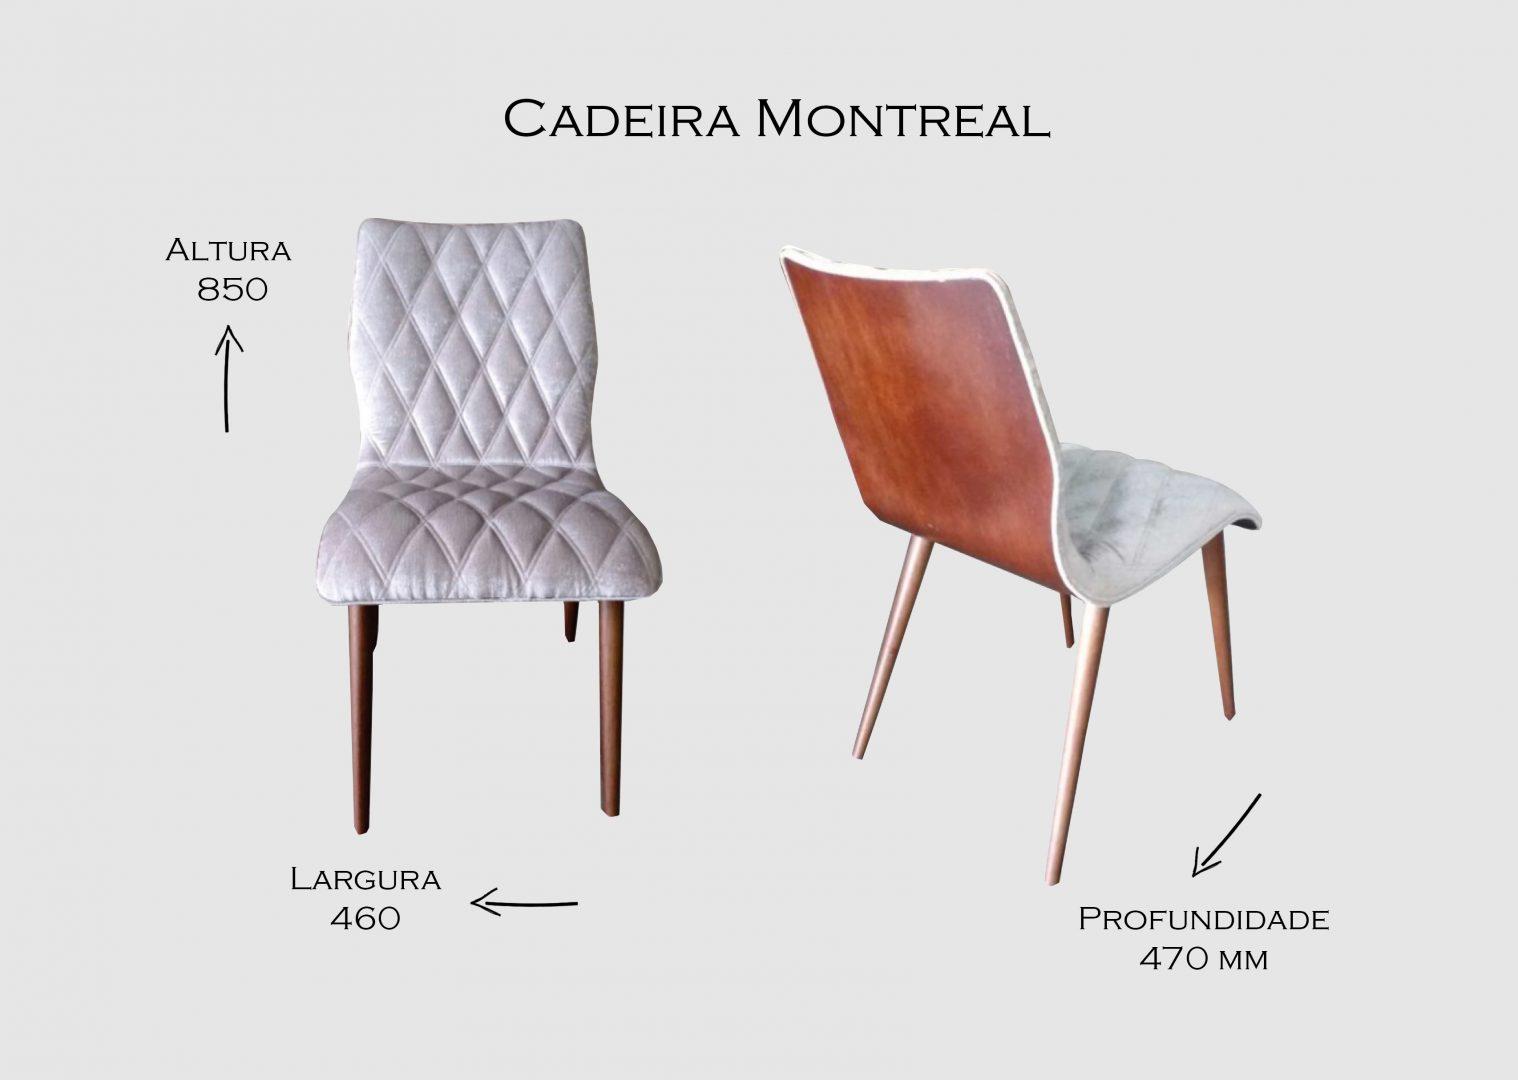 Cadeira_Montreal